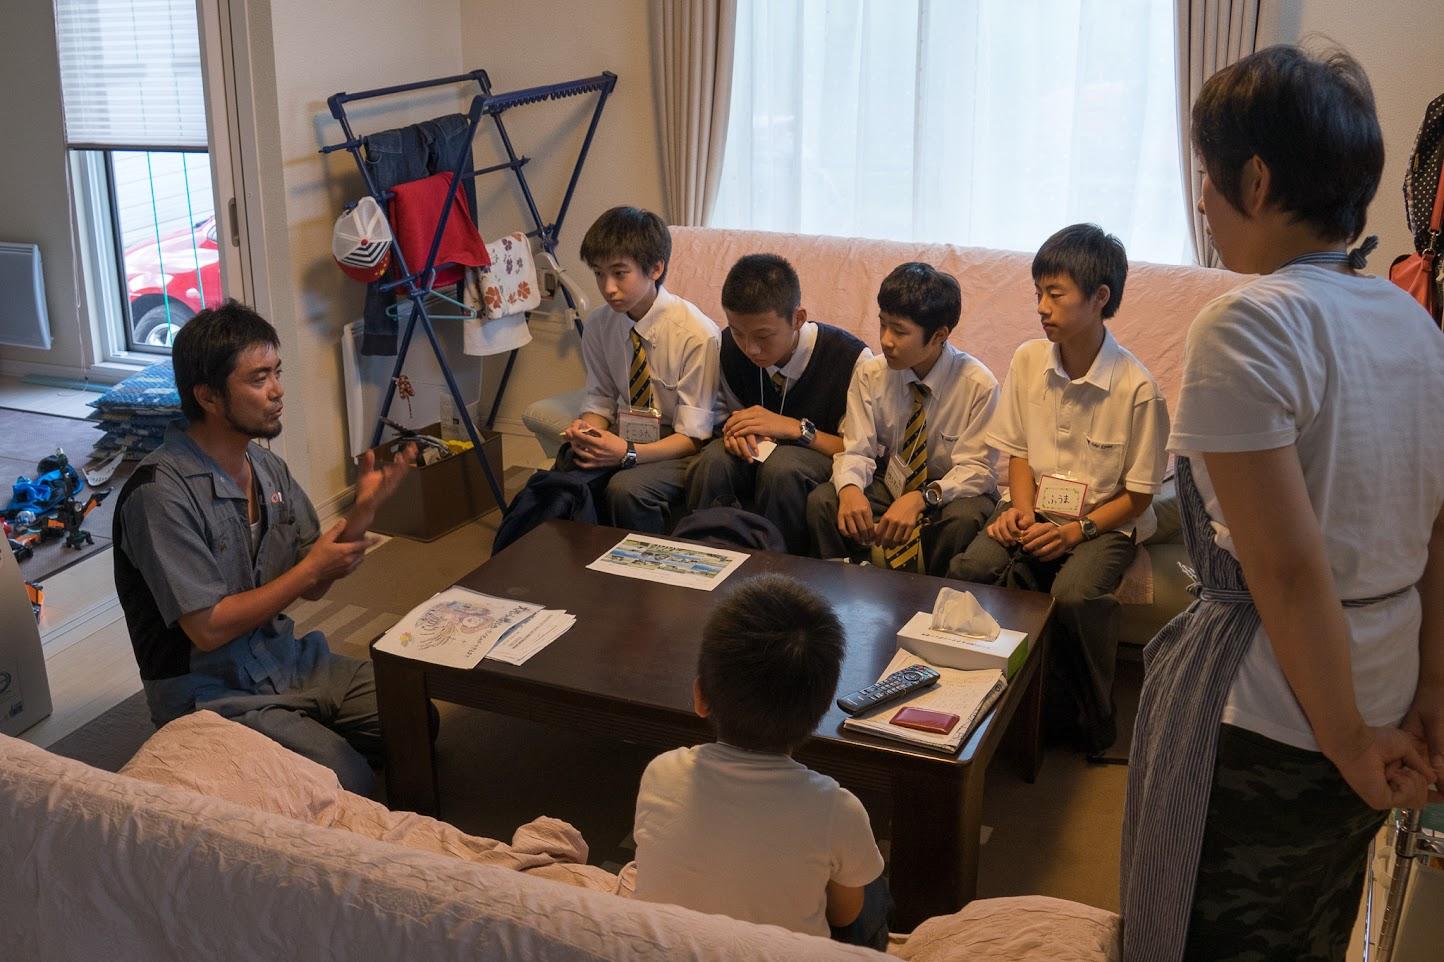 永井稔さんからレクチャーを受ける生徒さん達